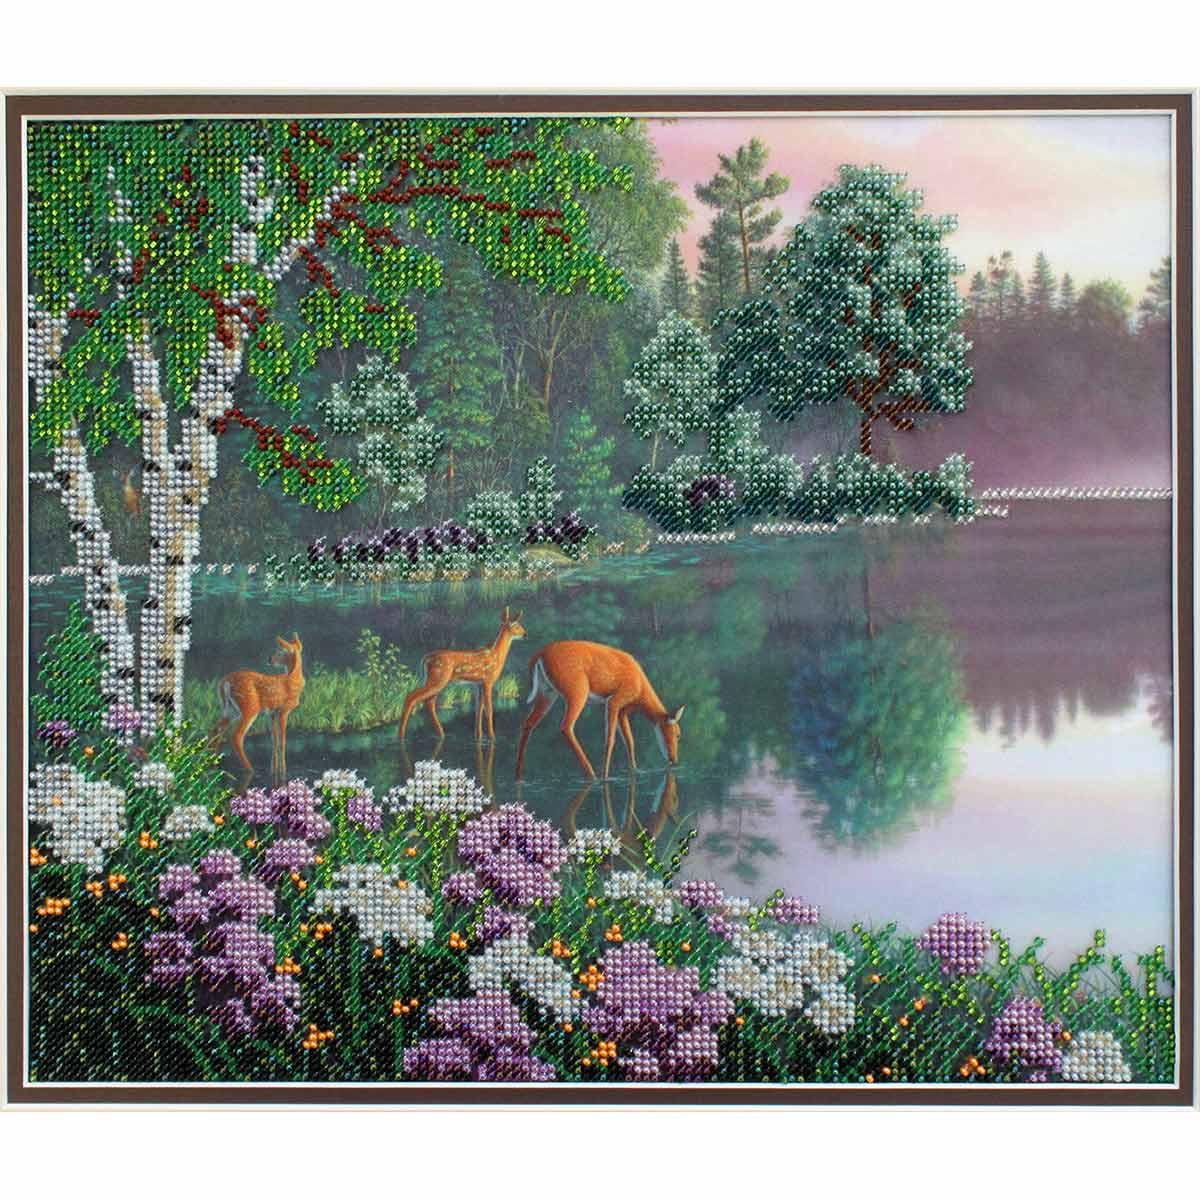 БН-3134 Набор для вышивания бисером Hobby&Pro 'Волшебное озеро', 30*25 см